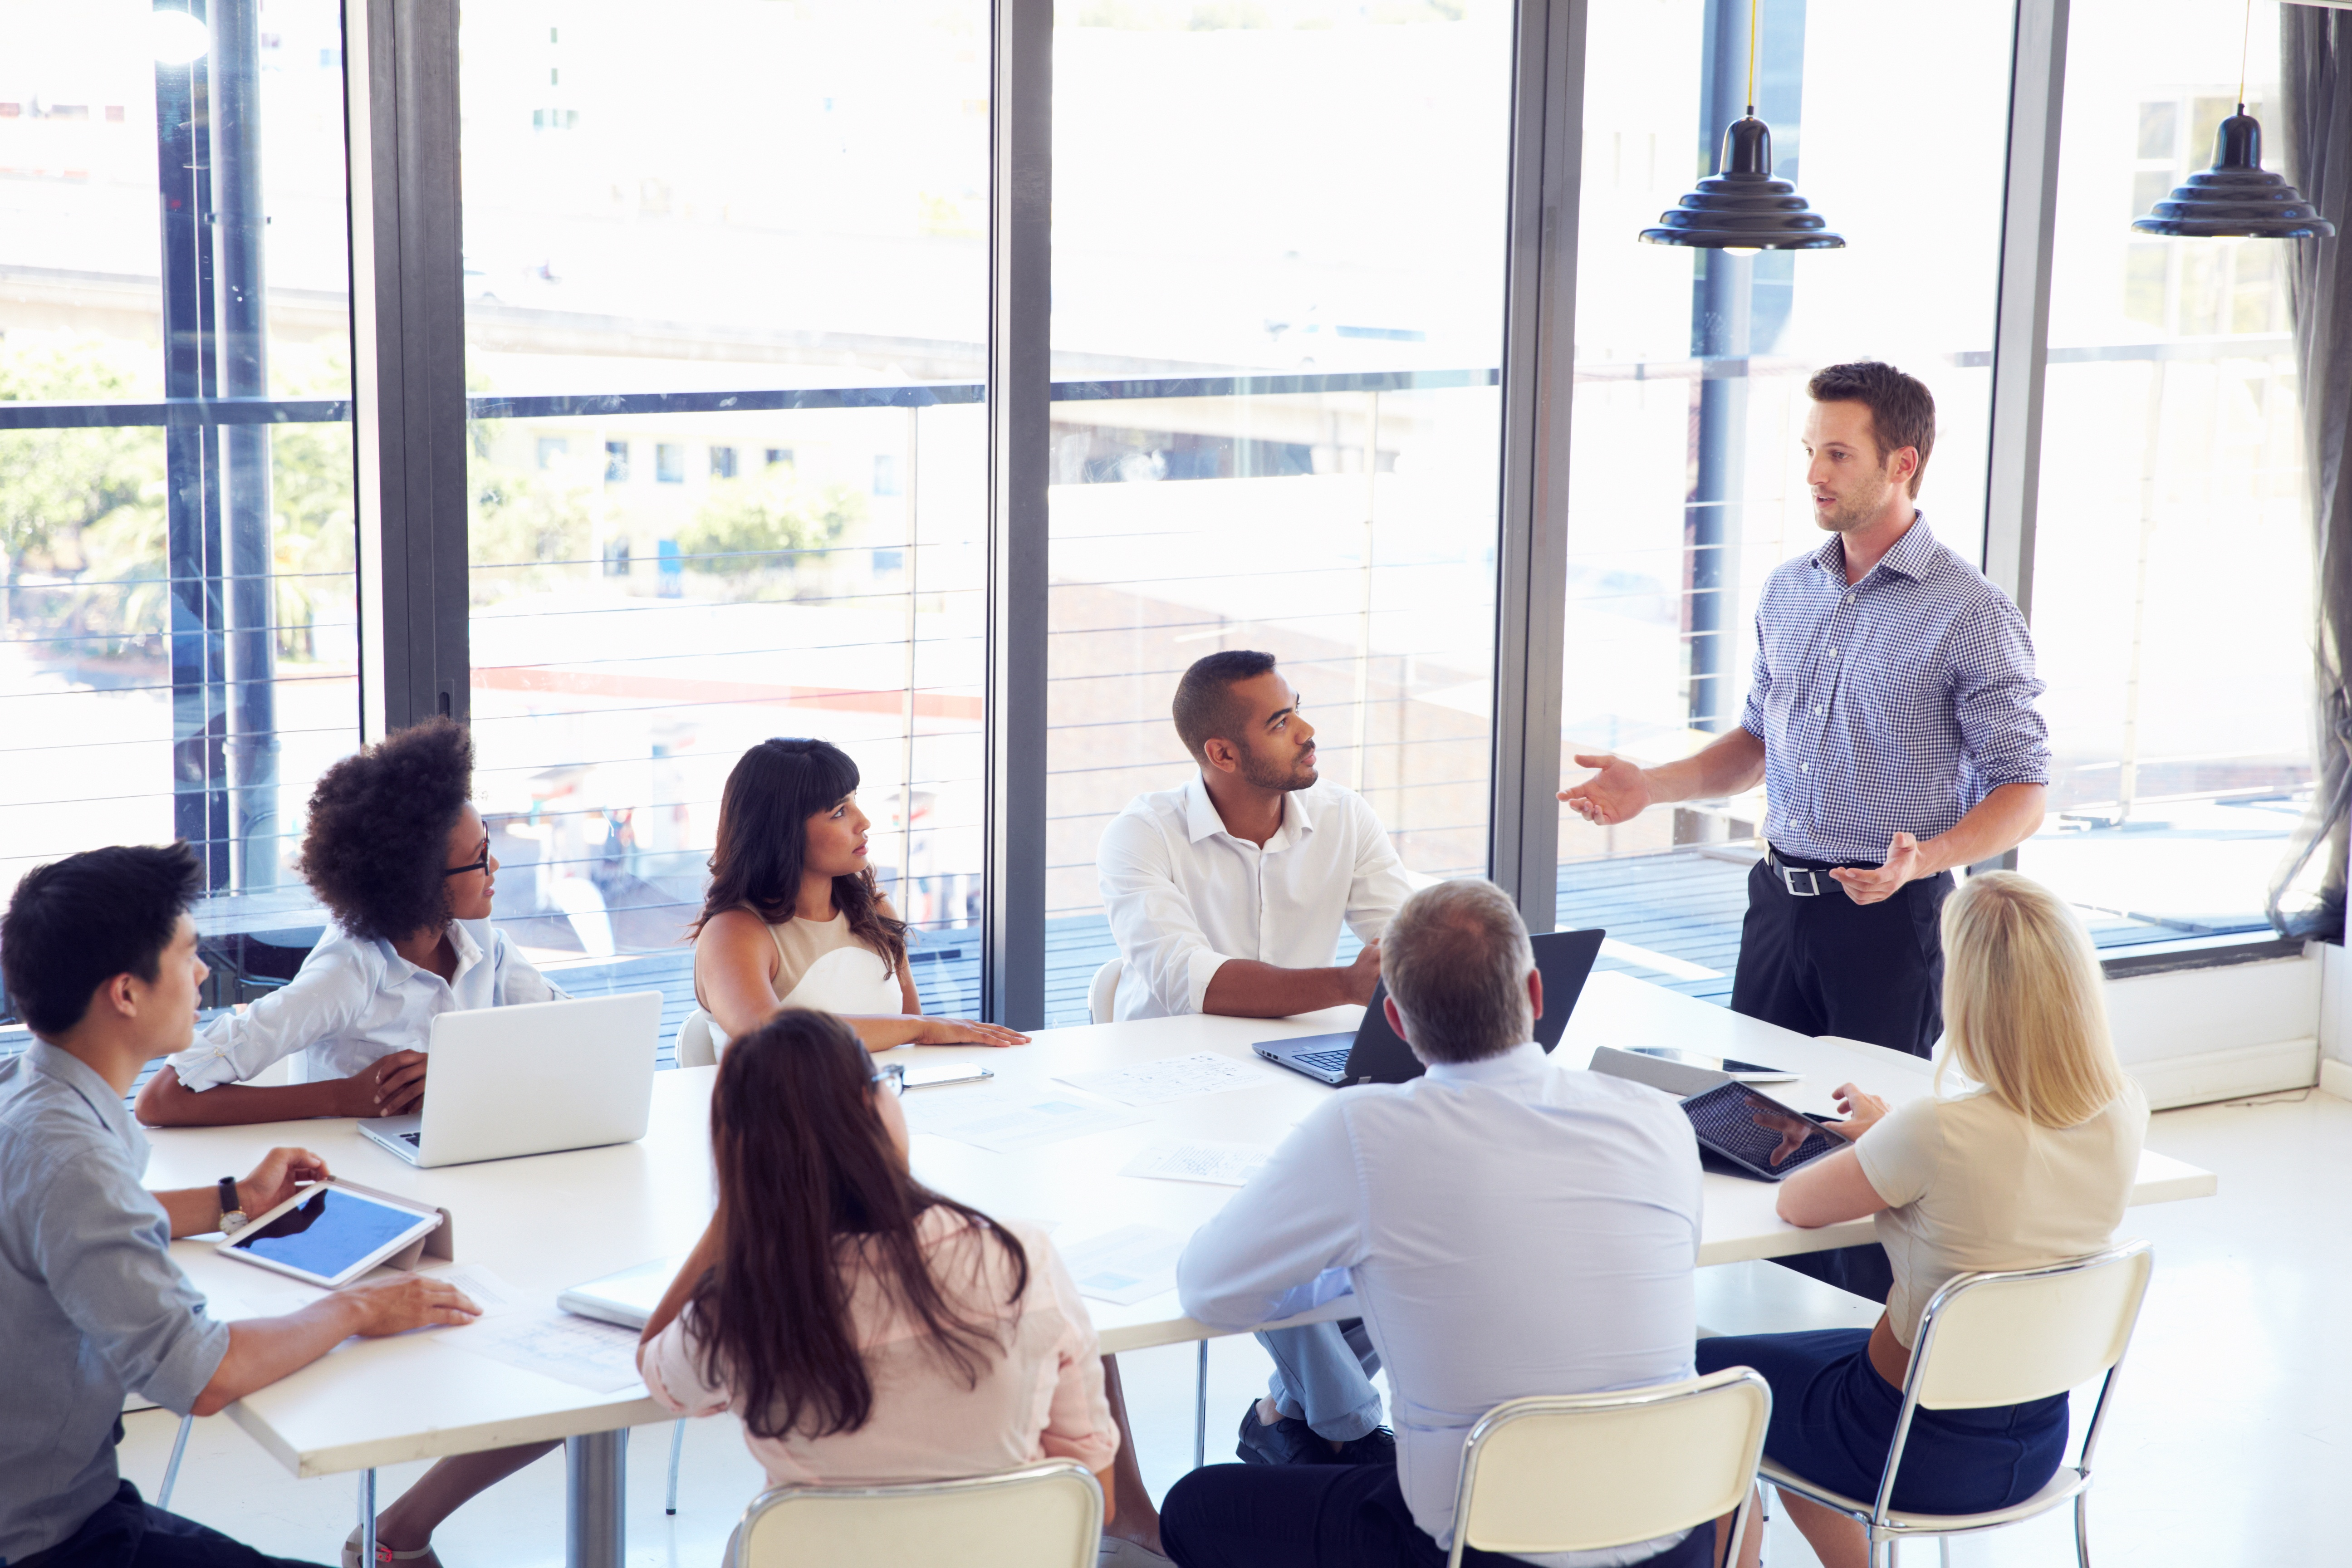 Presentare un progetto in un meeting internazionale - Wall Street English